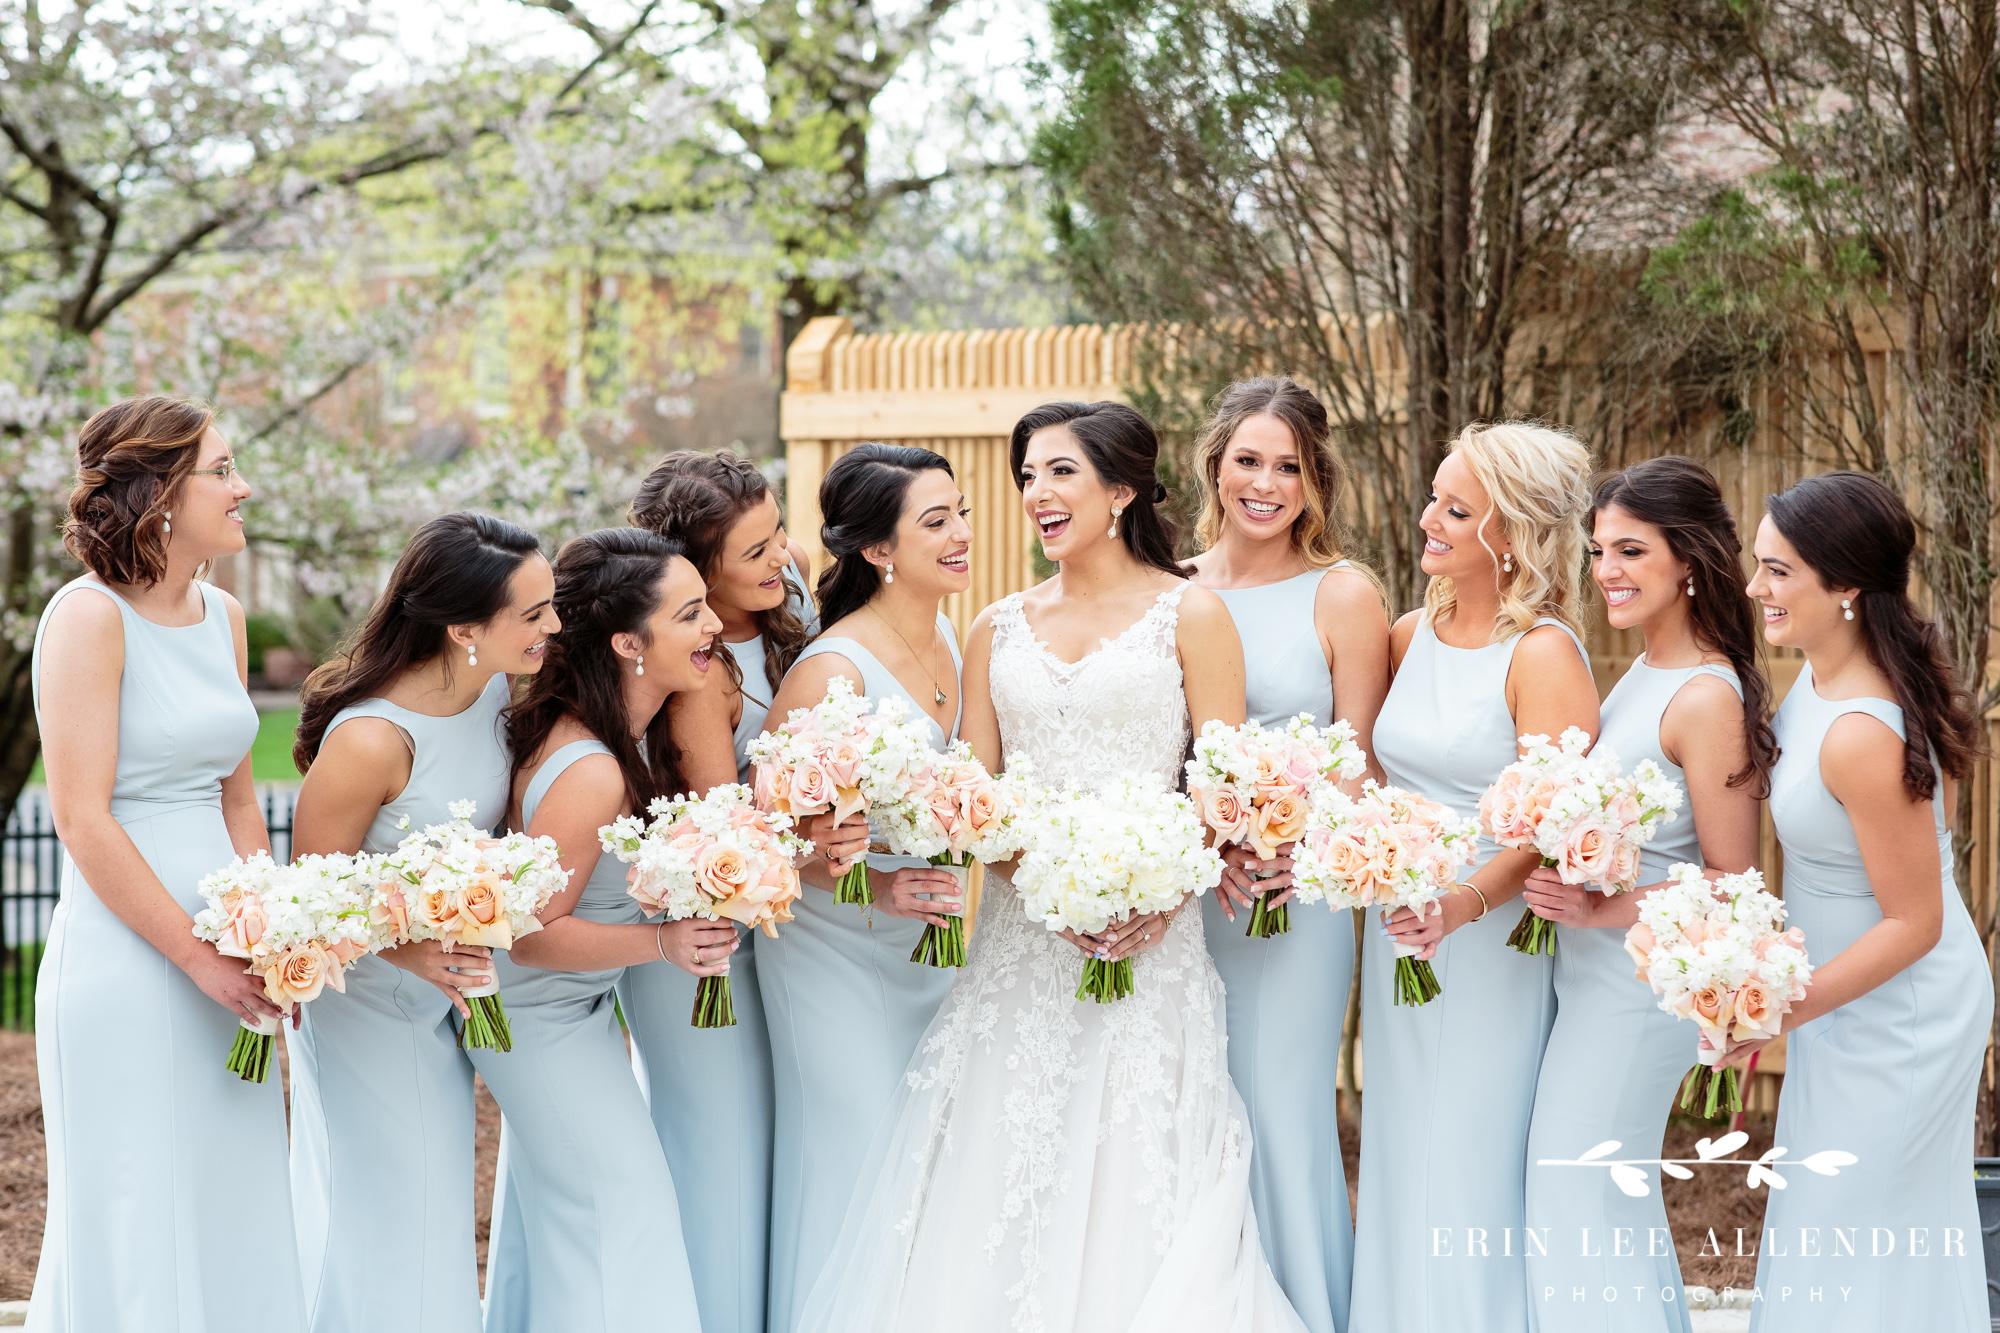 erin-lee-allender-nashville-wedding